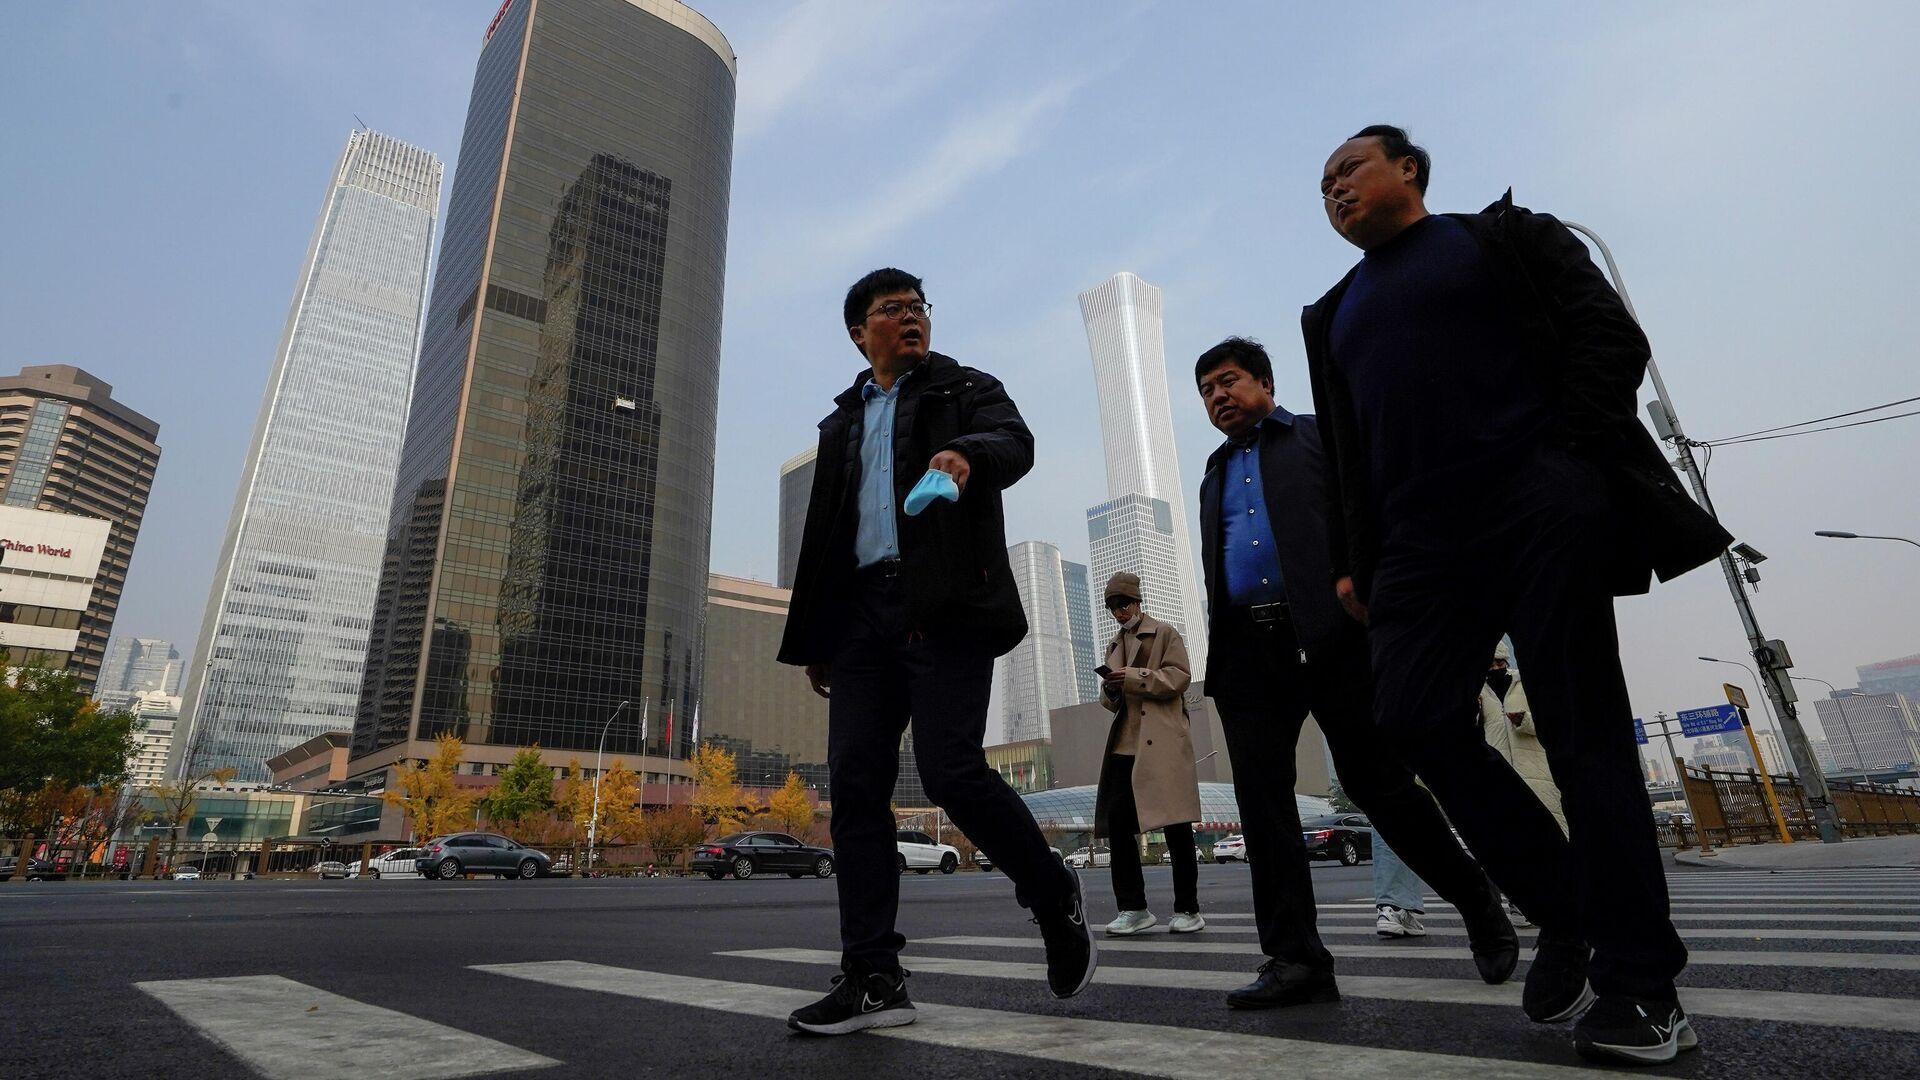 Объем внешней торговли Китая вырос на 28,5% в январе-апреле